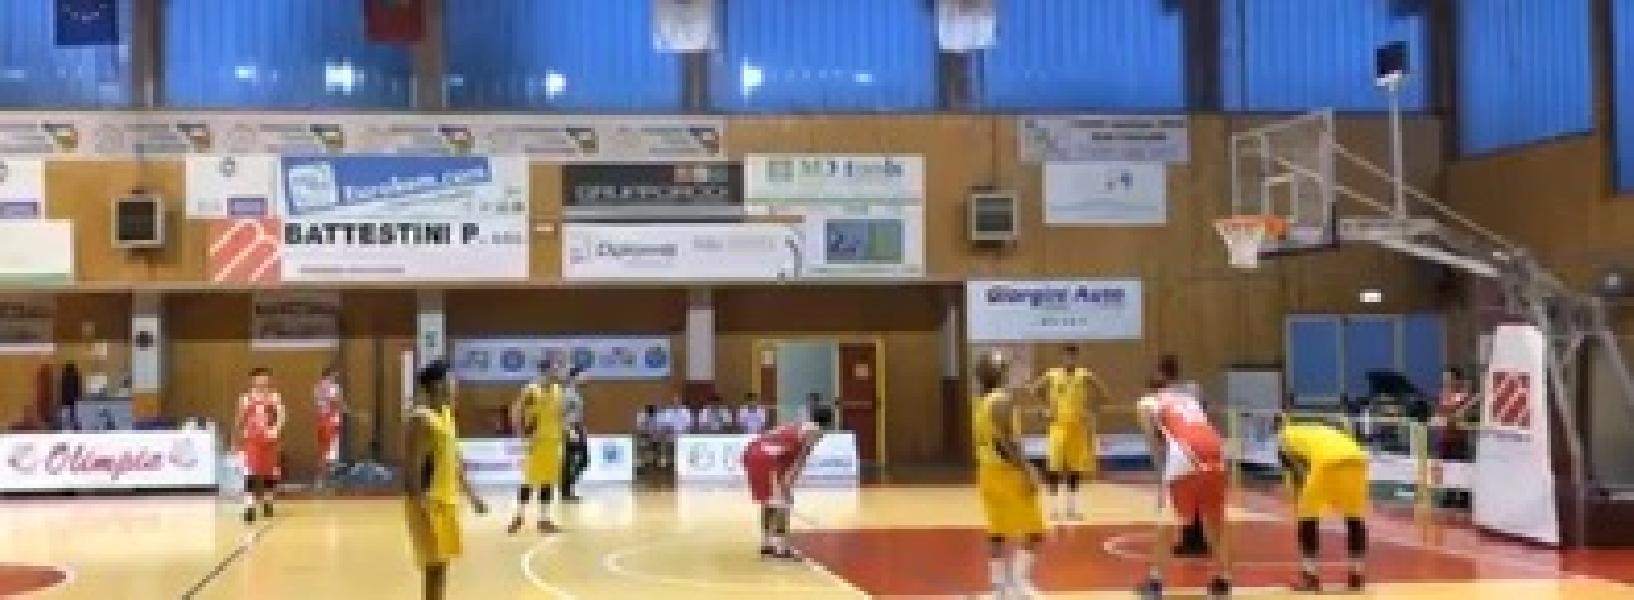 https://www.basketmarche.it/immagini_articoli/13-10-2018/tripla-straordinario-gallerini-regala-vittoria-tasp-teramo-mosciano-600.jpg